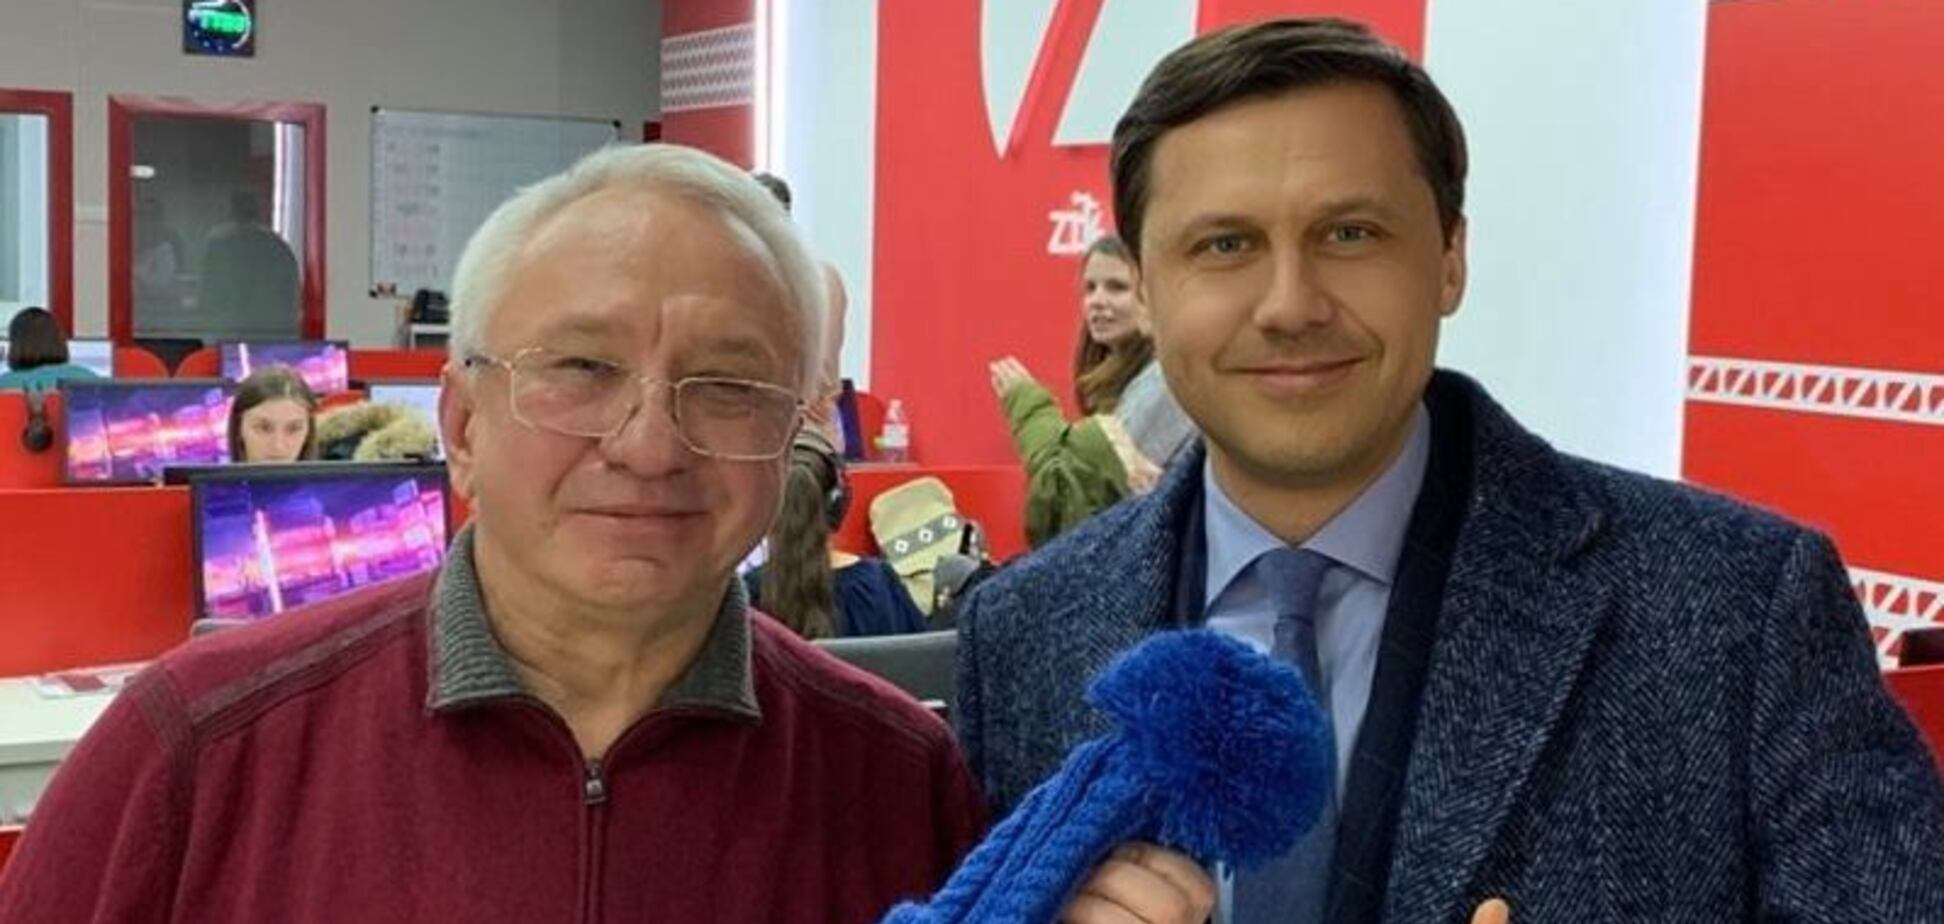 'Синешапочник!' Кучеренко подловили на связи со скандальным кандидатом в президенты